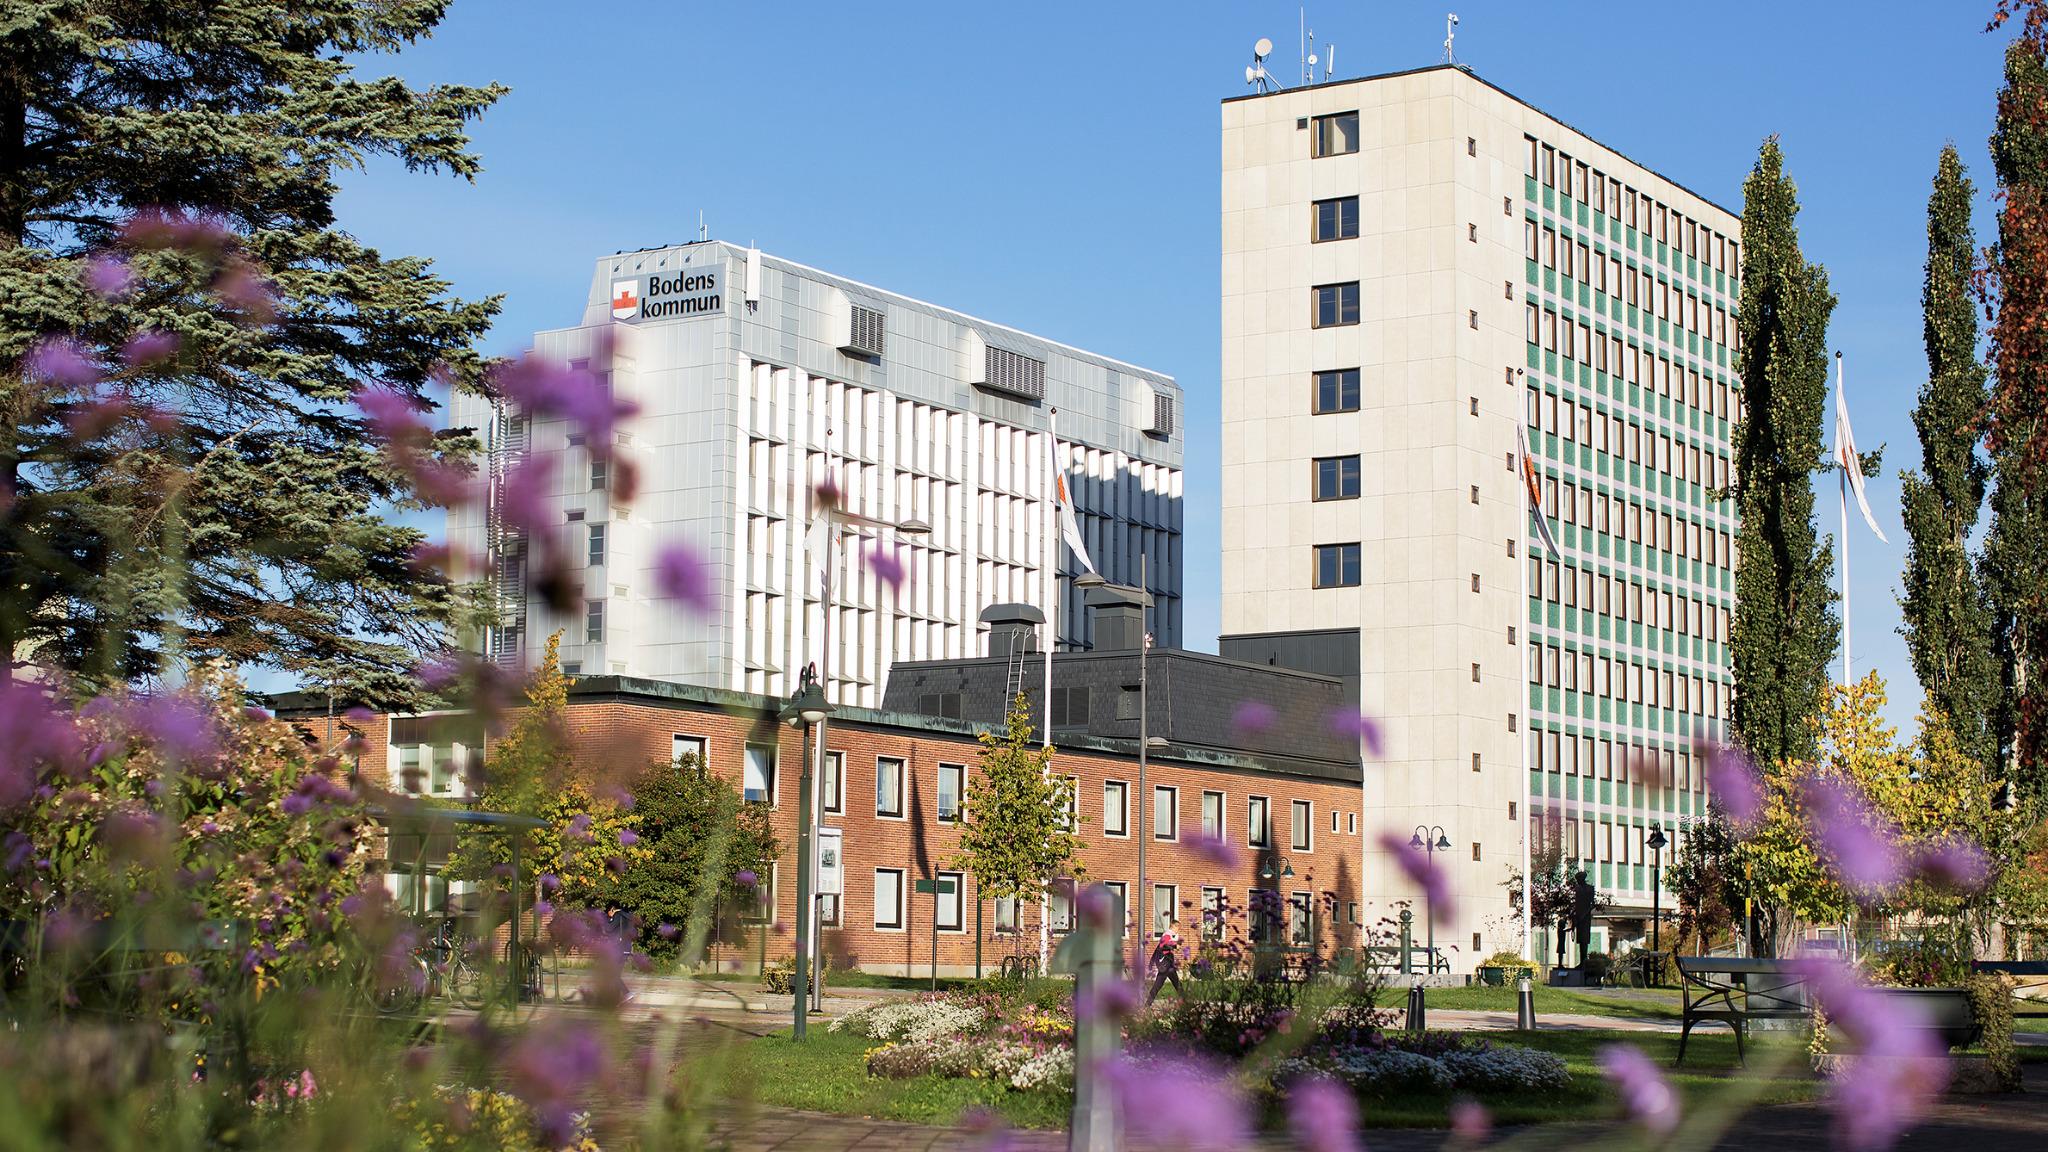 Bodens kommuns stadshus, två höga byggnader, med blommor i förgrunden.